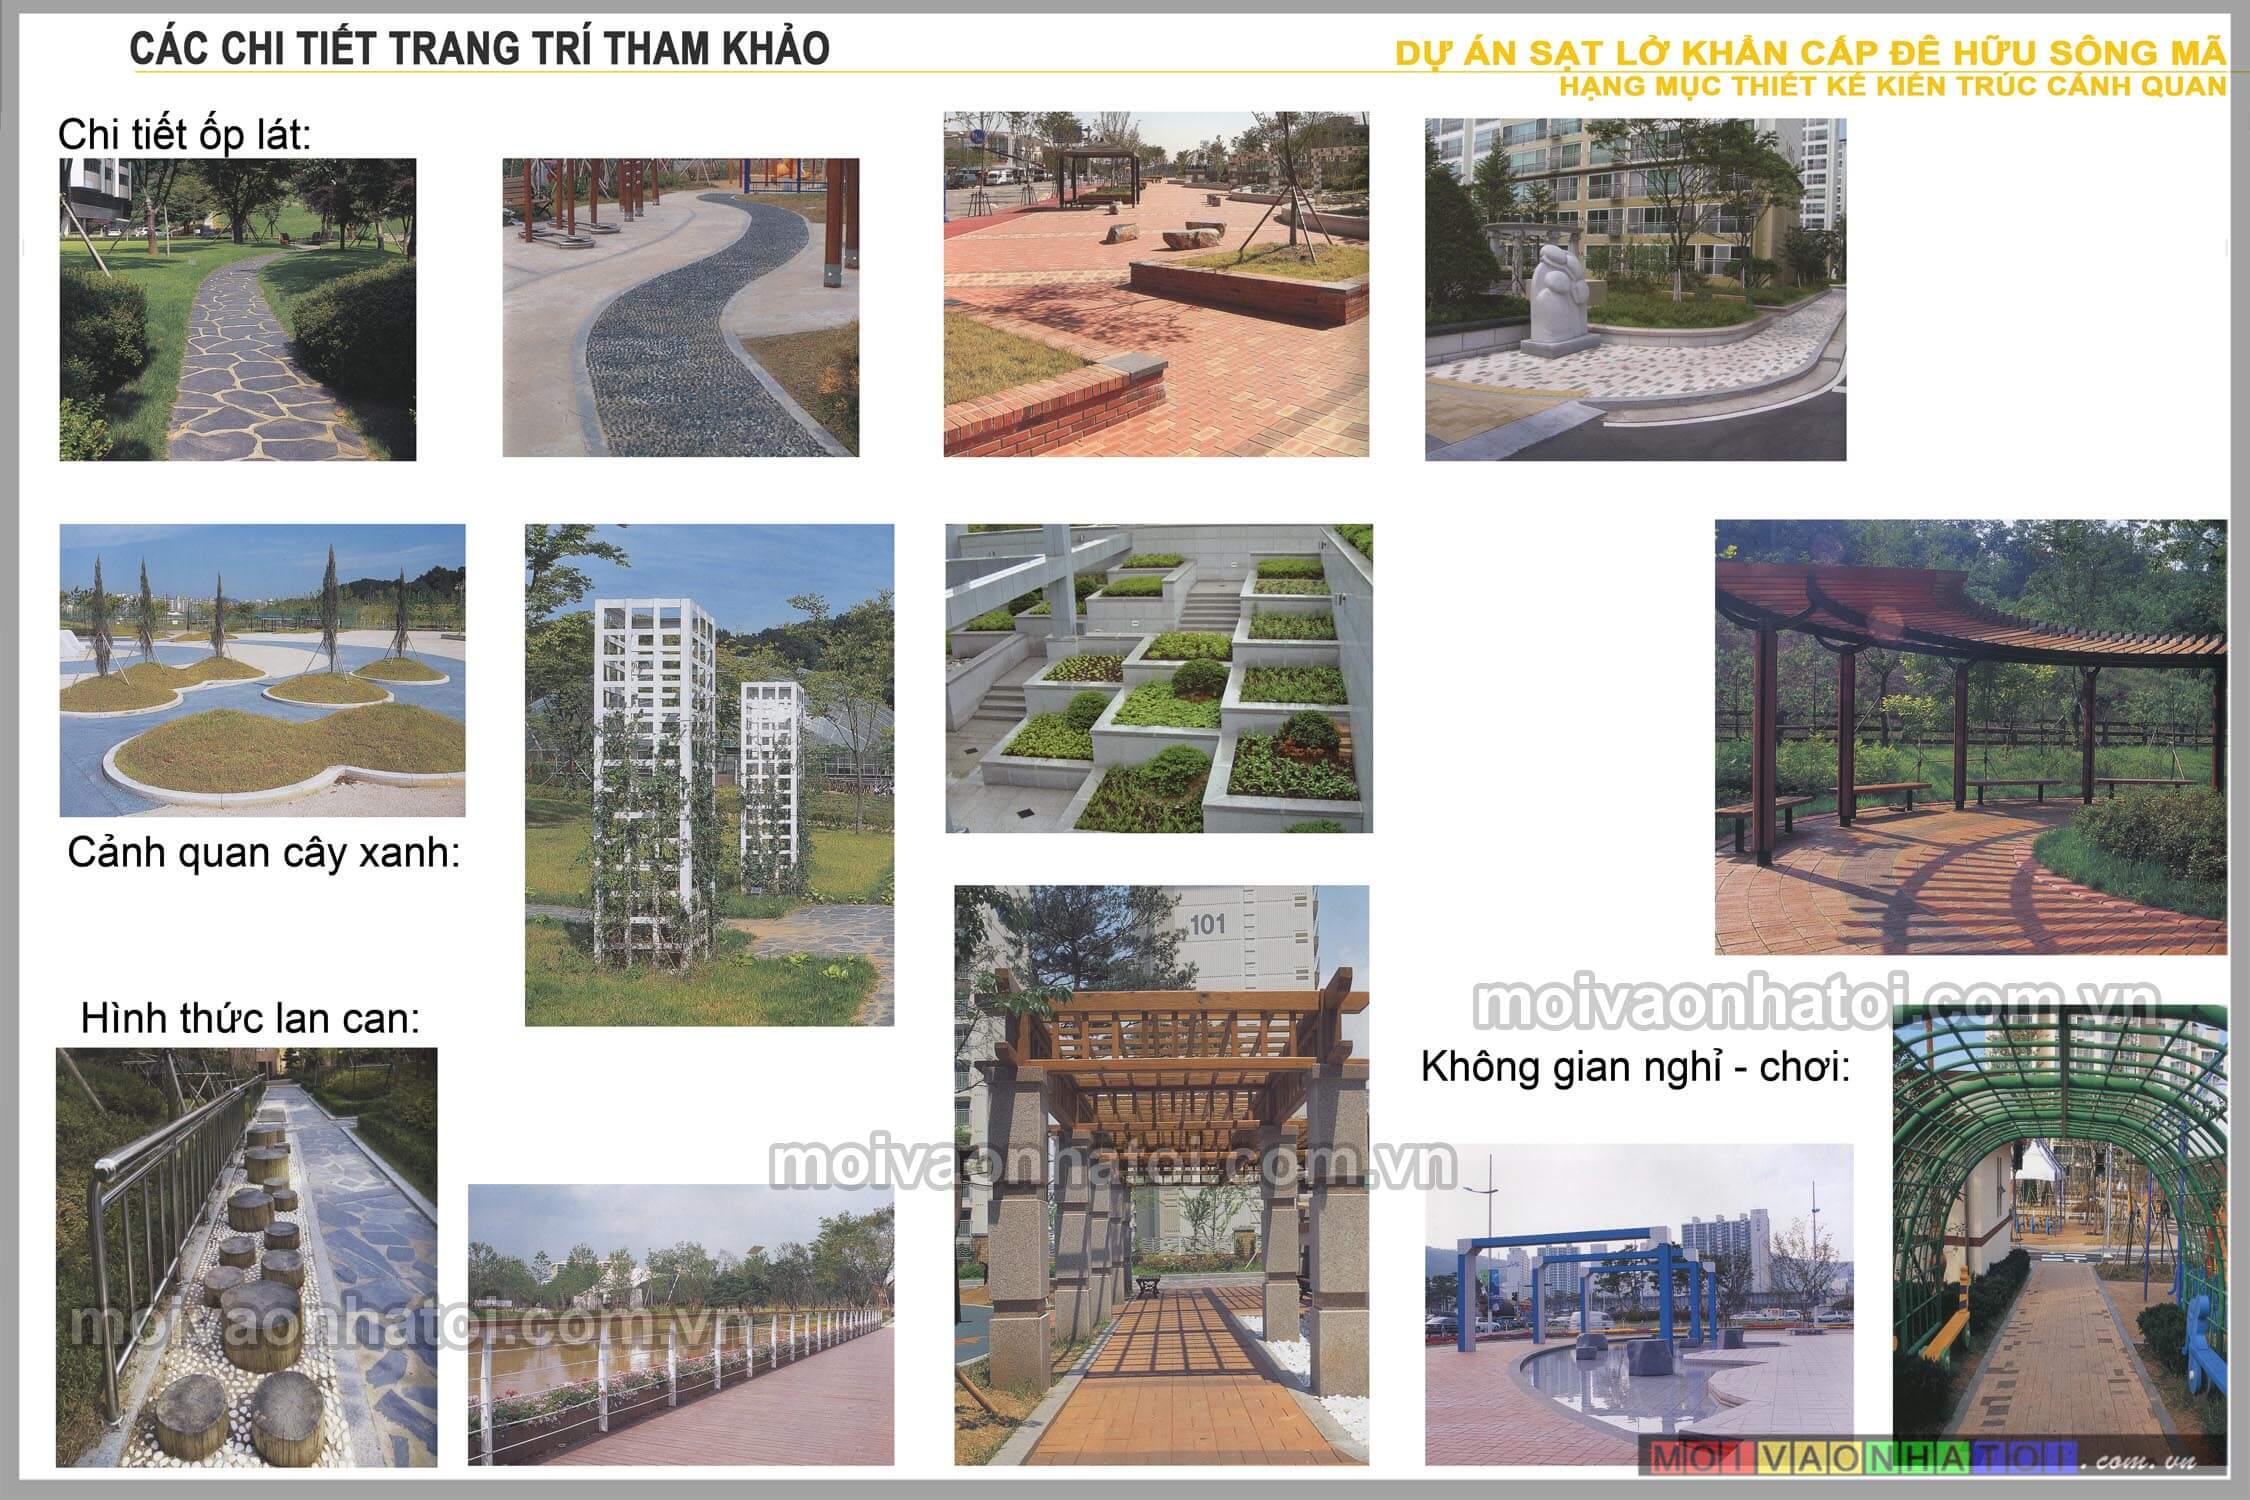 Các chi tiết tham khảo thiết kế kiến trúc cảnh quan